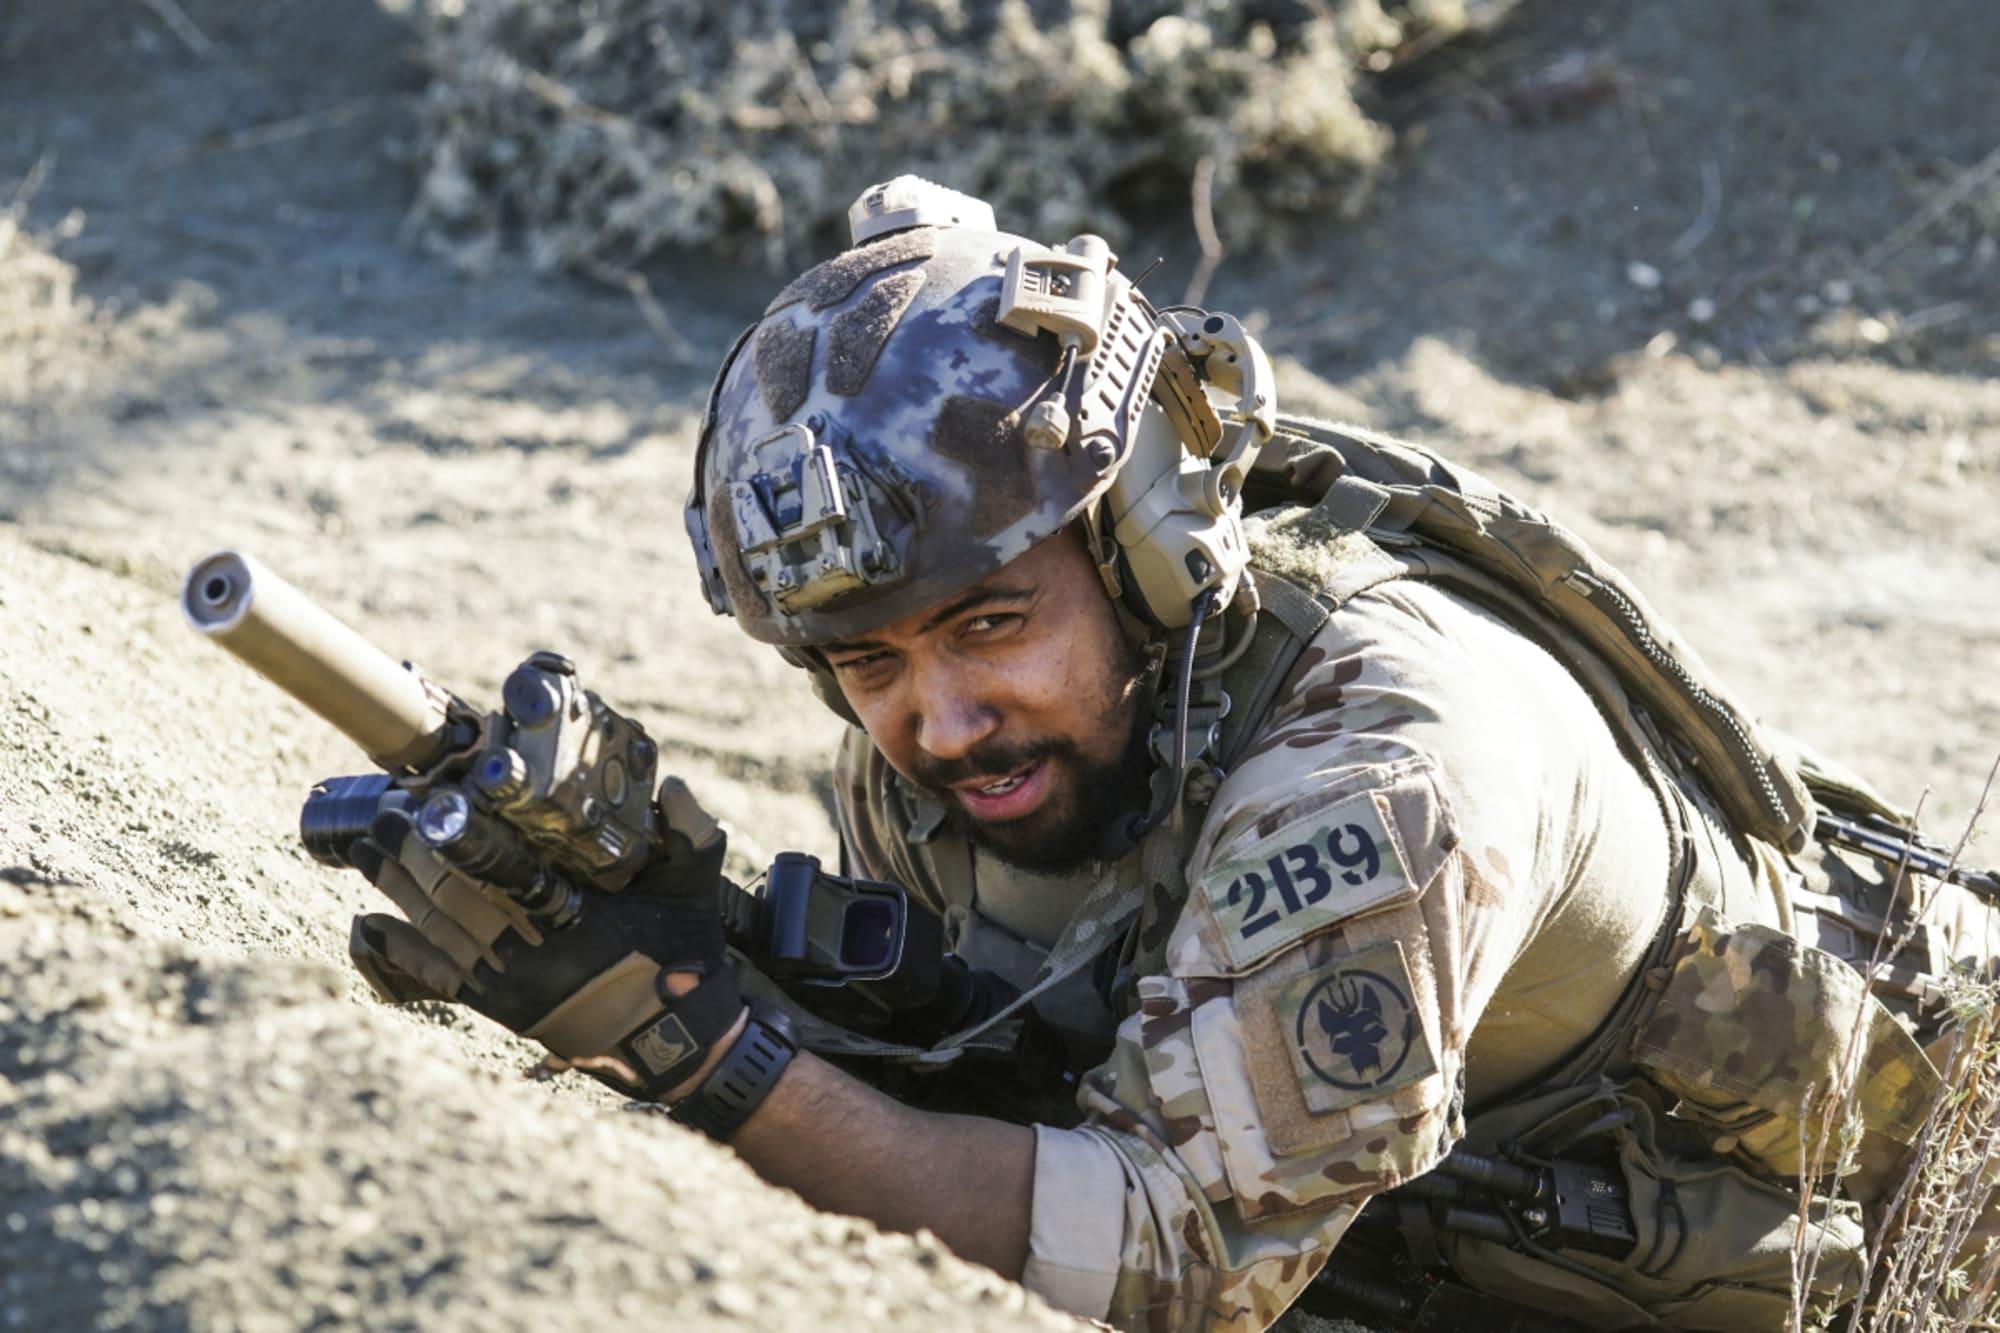 CBS fall 2021 schedule: SEAL Team Season 5 gets limited linear run